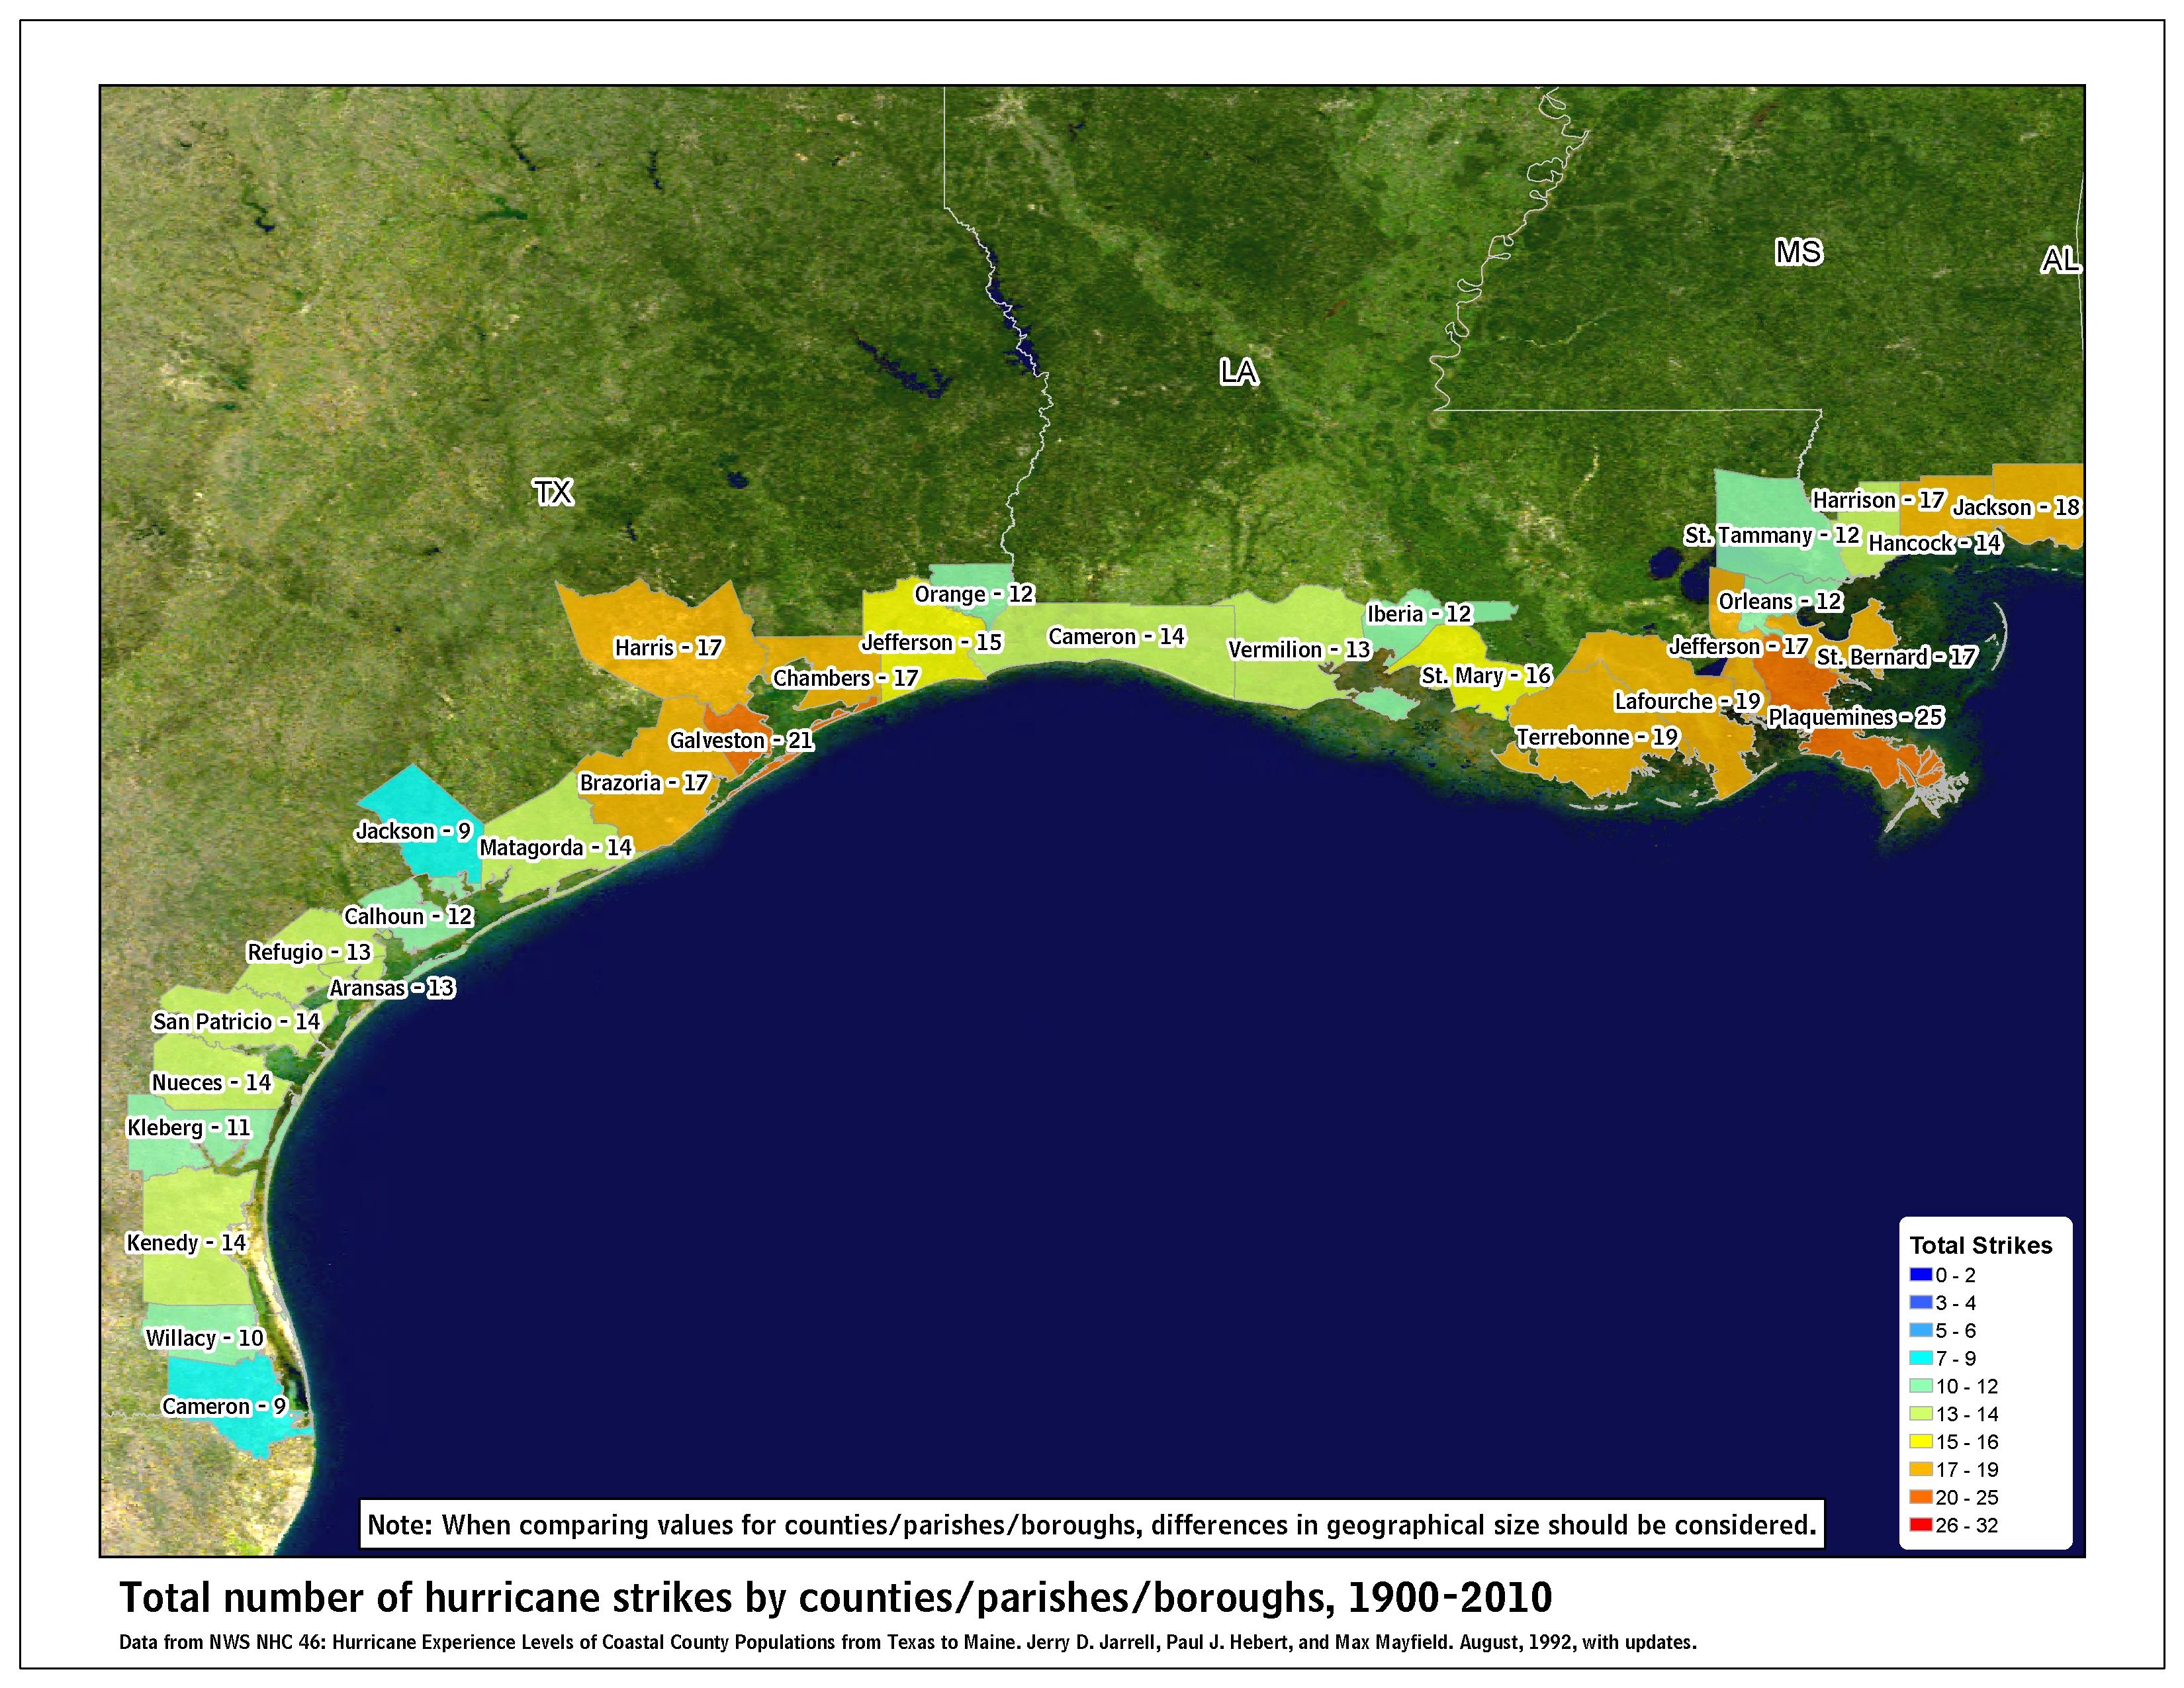 West Gulf Hurricane Strikes